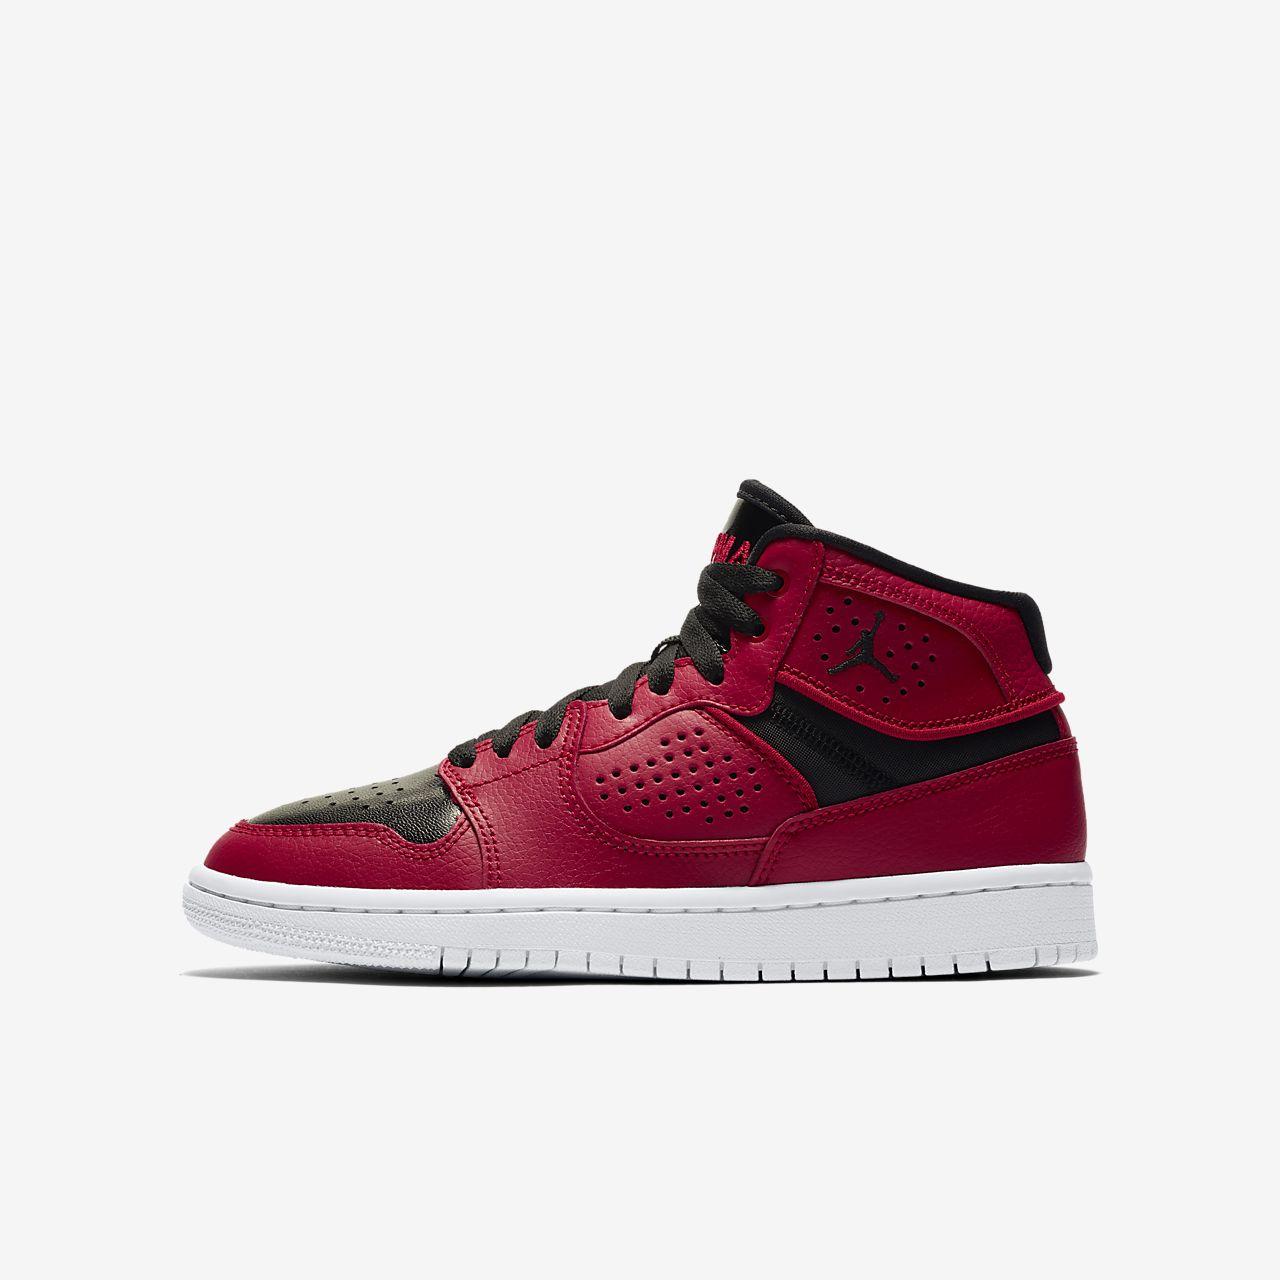 5 38 38 chaussure jordan chaussure jordan chaussure jordan 5 38 54ARjL